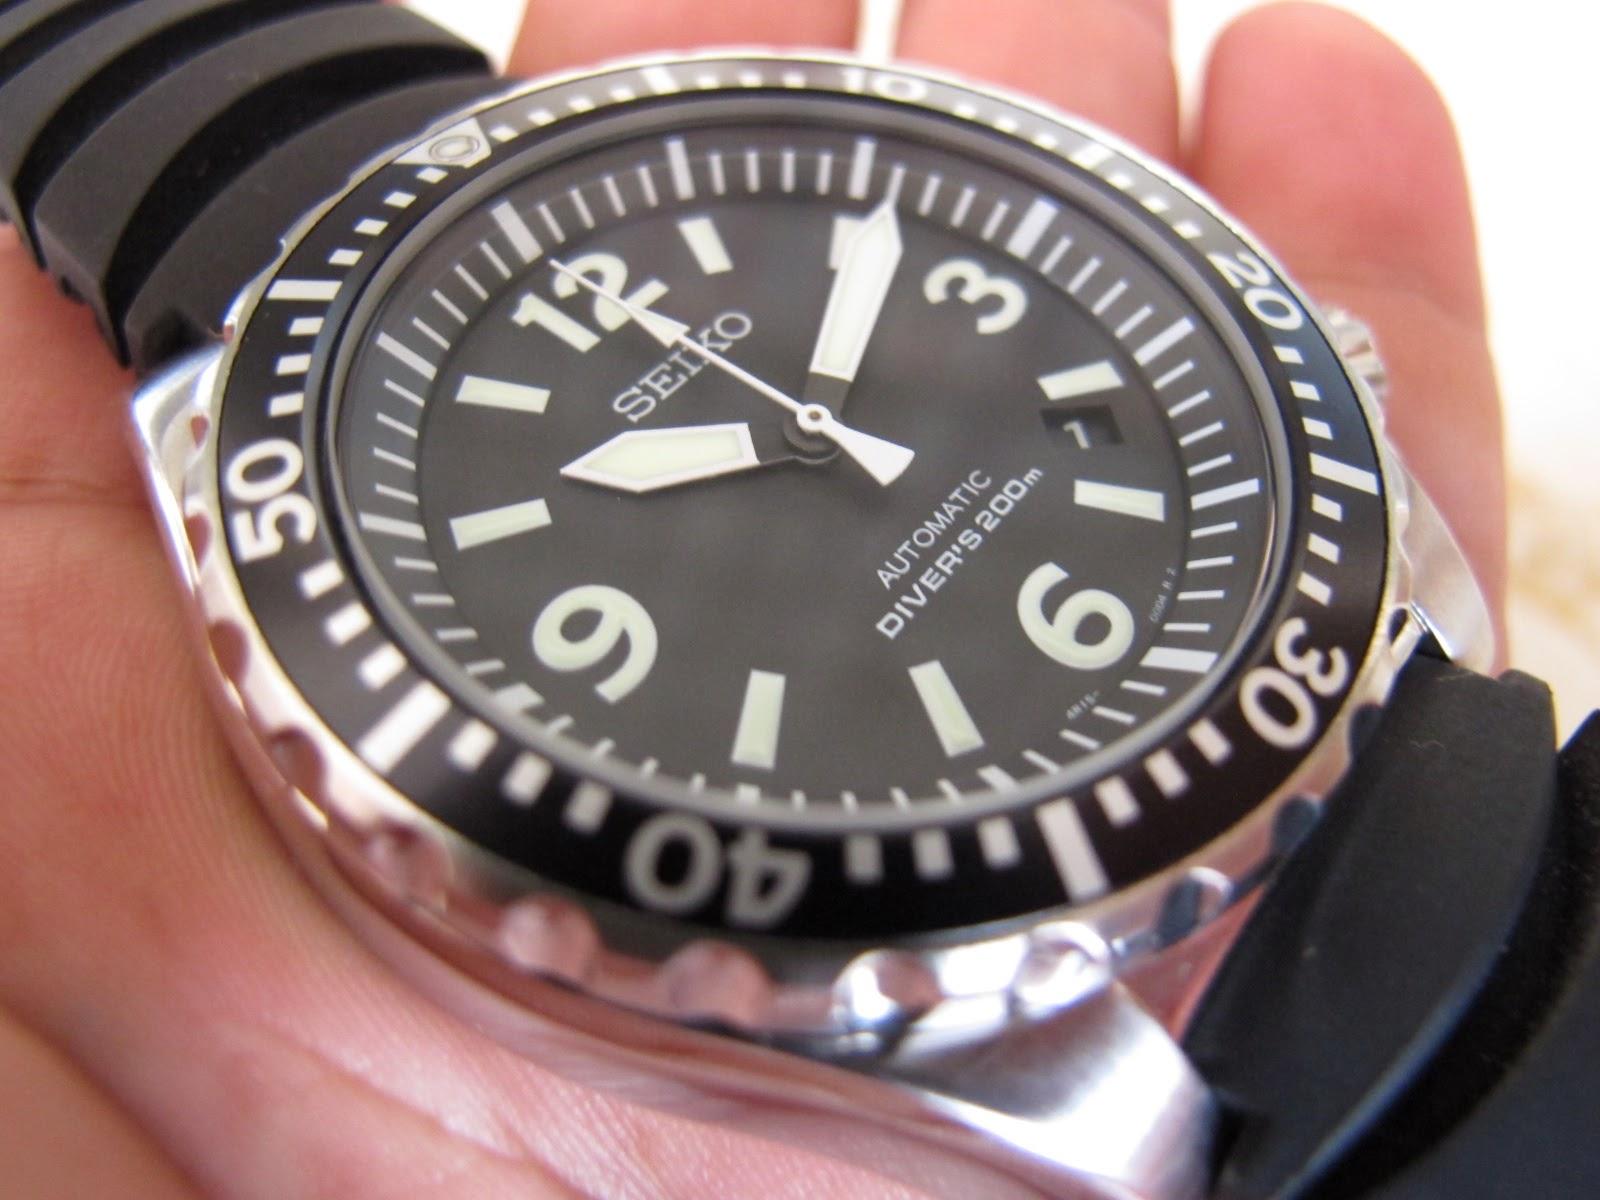 Kondisi jam BRAND NEW WATCH NEW OLD STOCK NOS Lengkap dengan box Seiko manual dan warranty card SEIKO DIVER SRP043 ini dibalut dengan Seiko